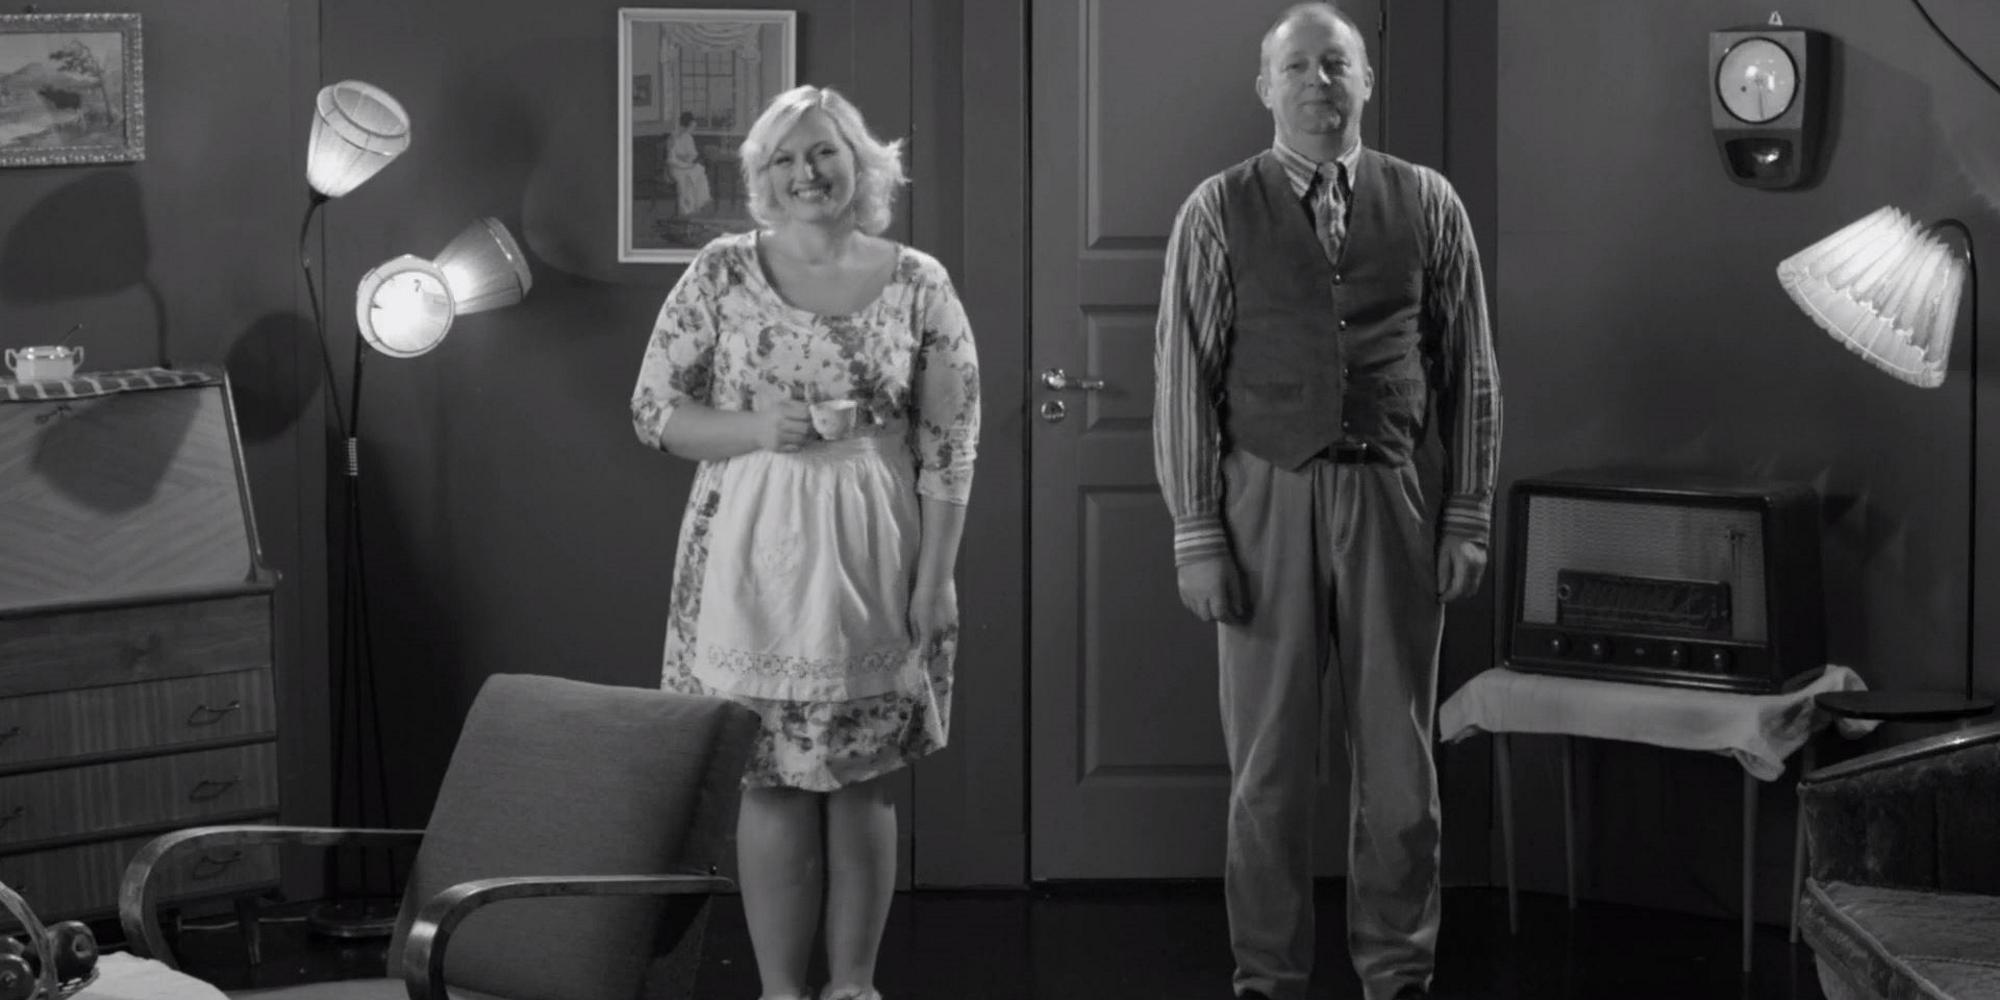 Mann og dame smiler mot kameraet. Bildet er i svart-hvitt, og klærne og dekoren er fra 1960-tallet. Foto.